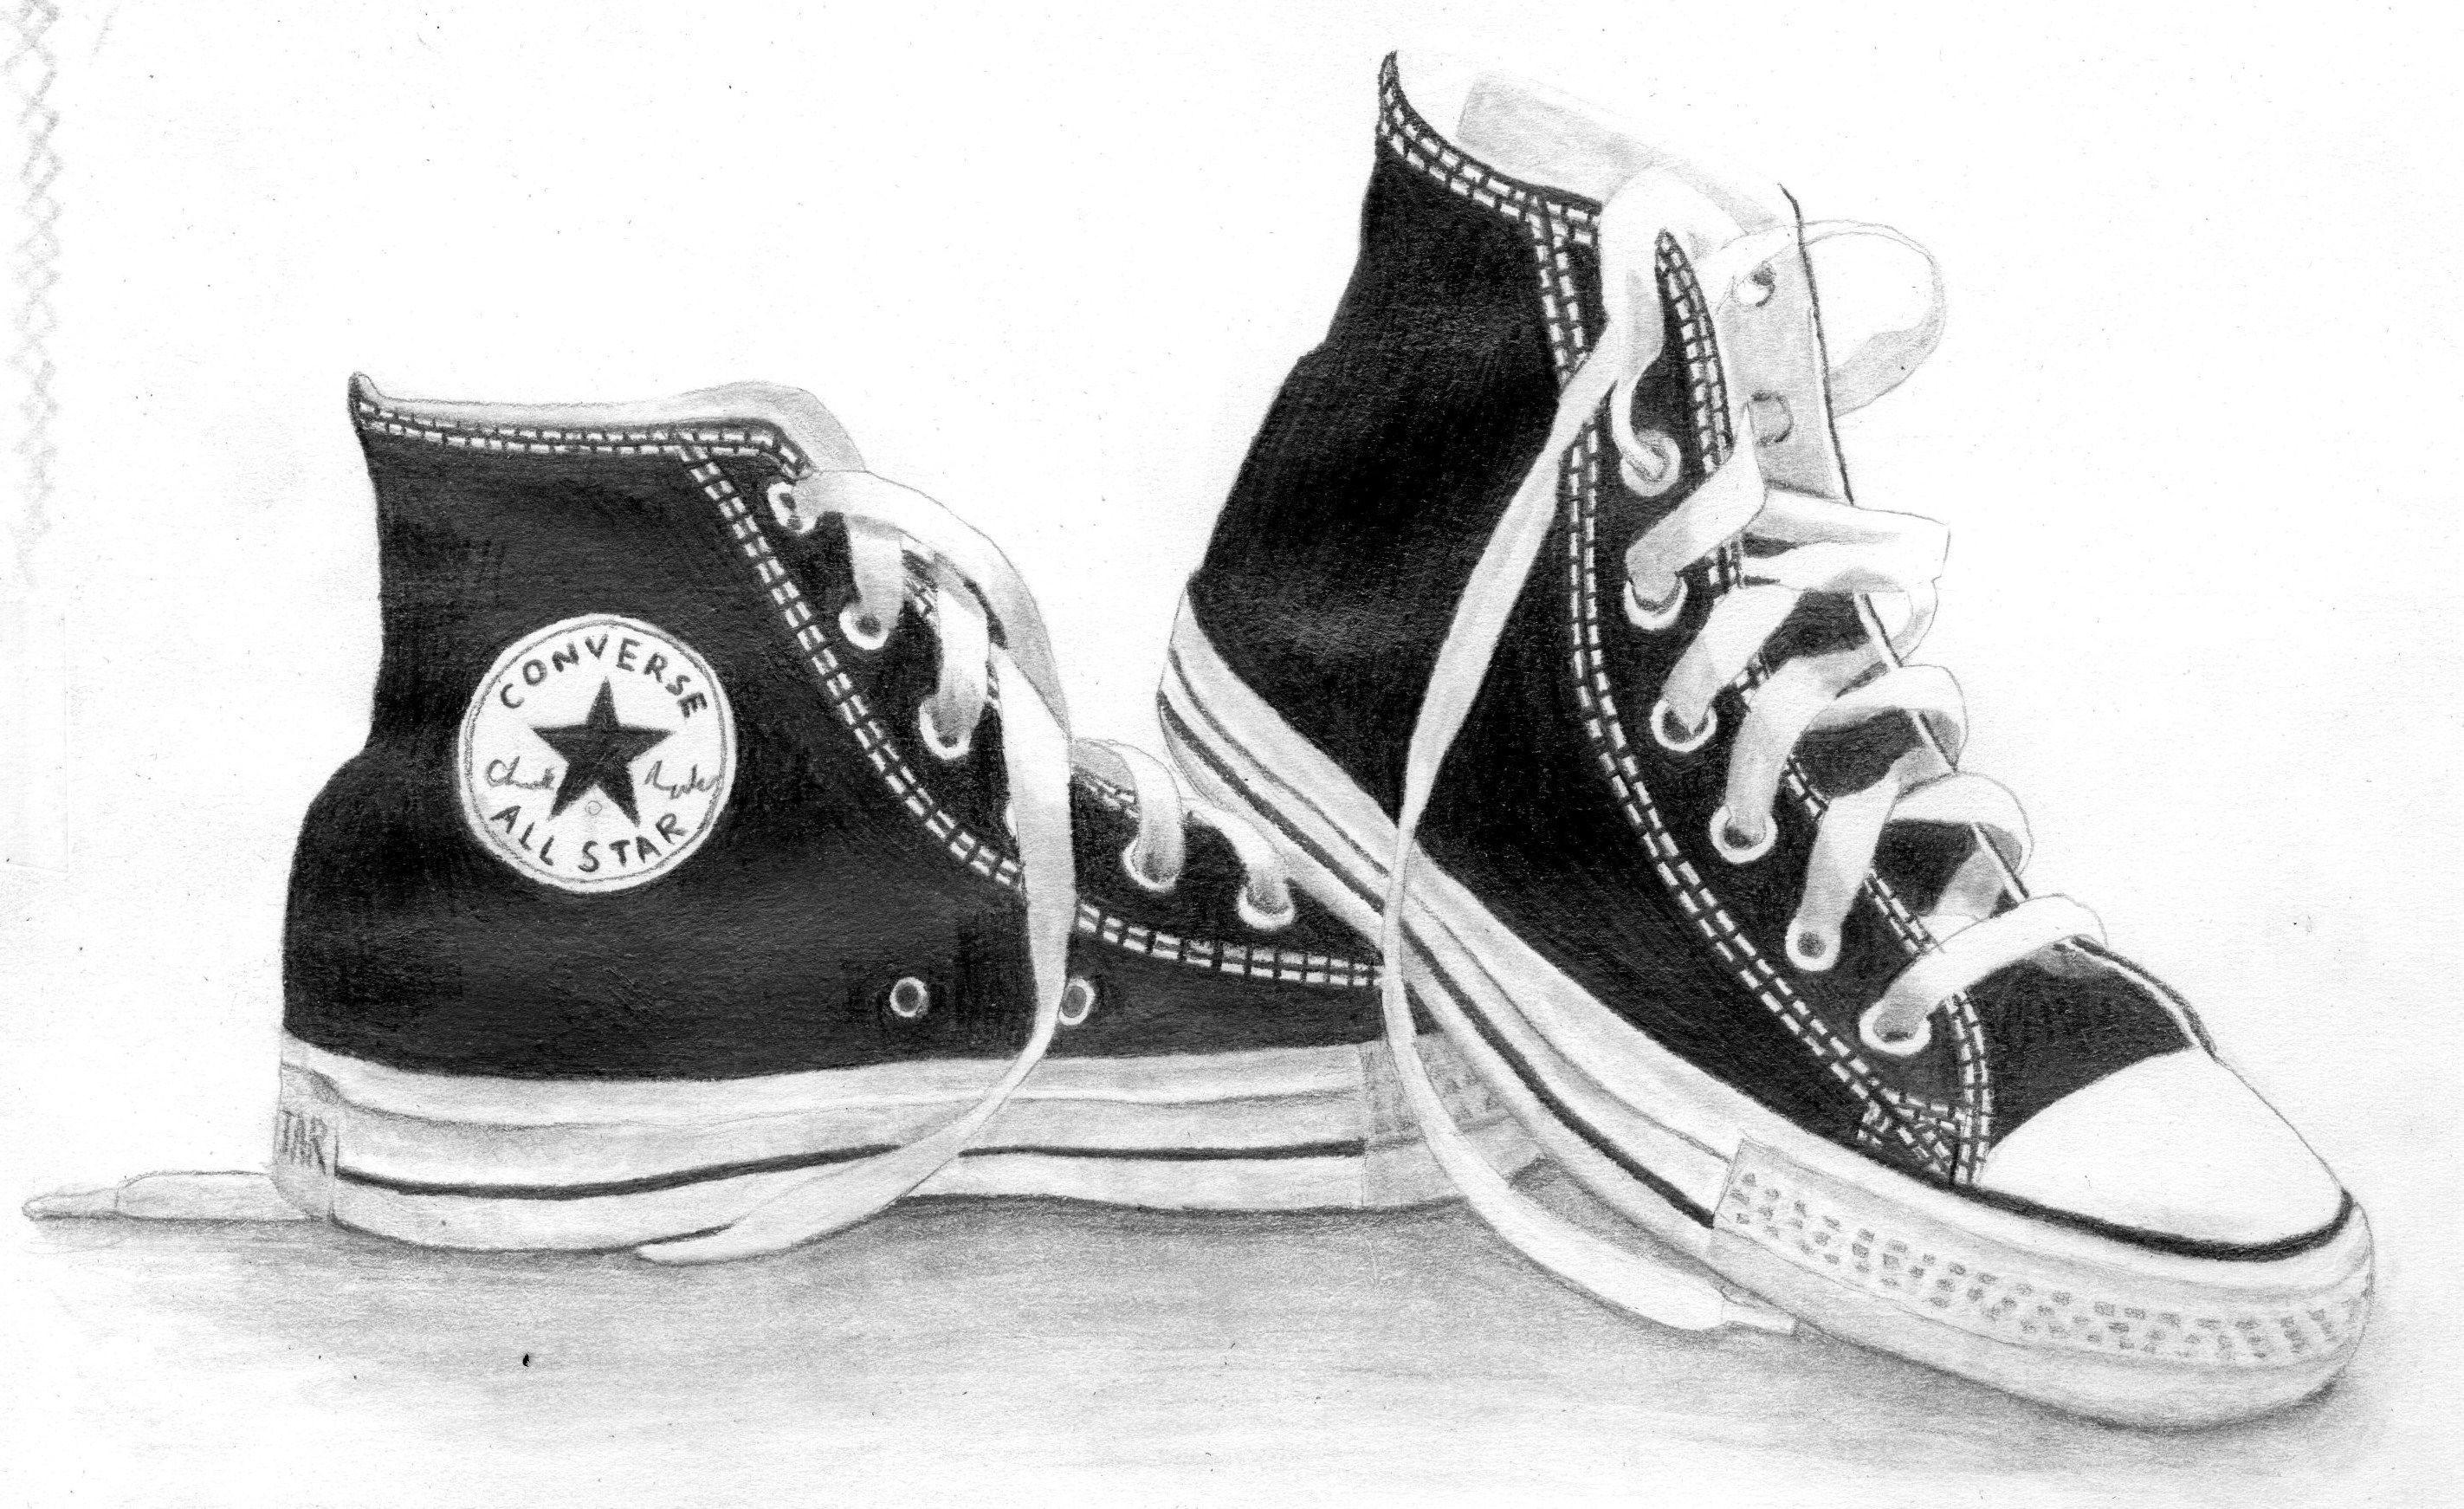 16c0457928c9 Converse (shoe company)